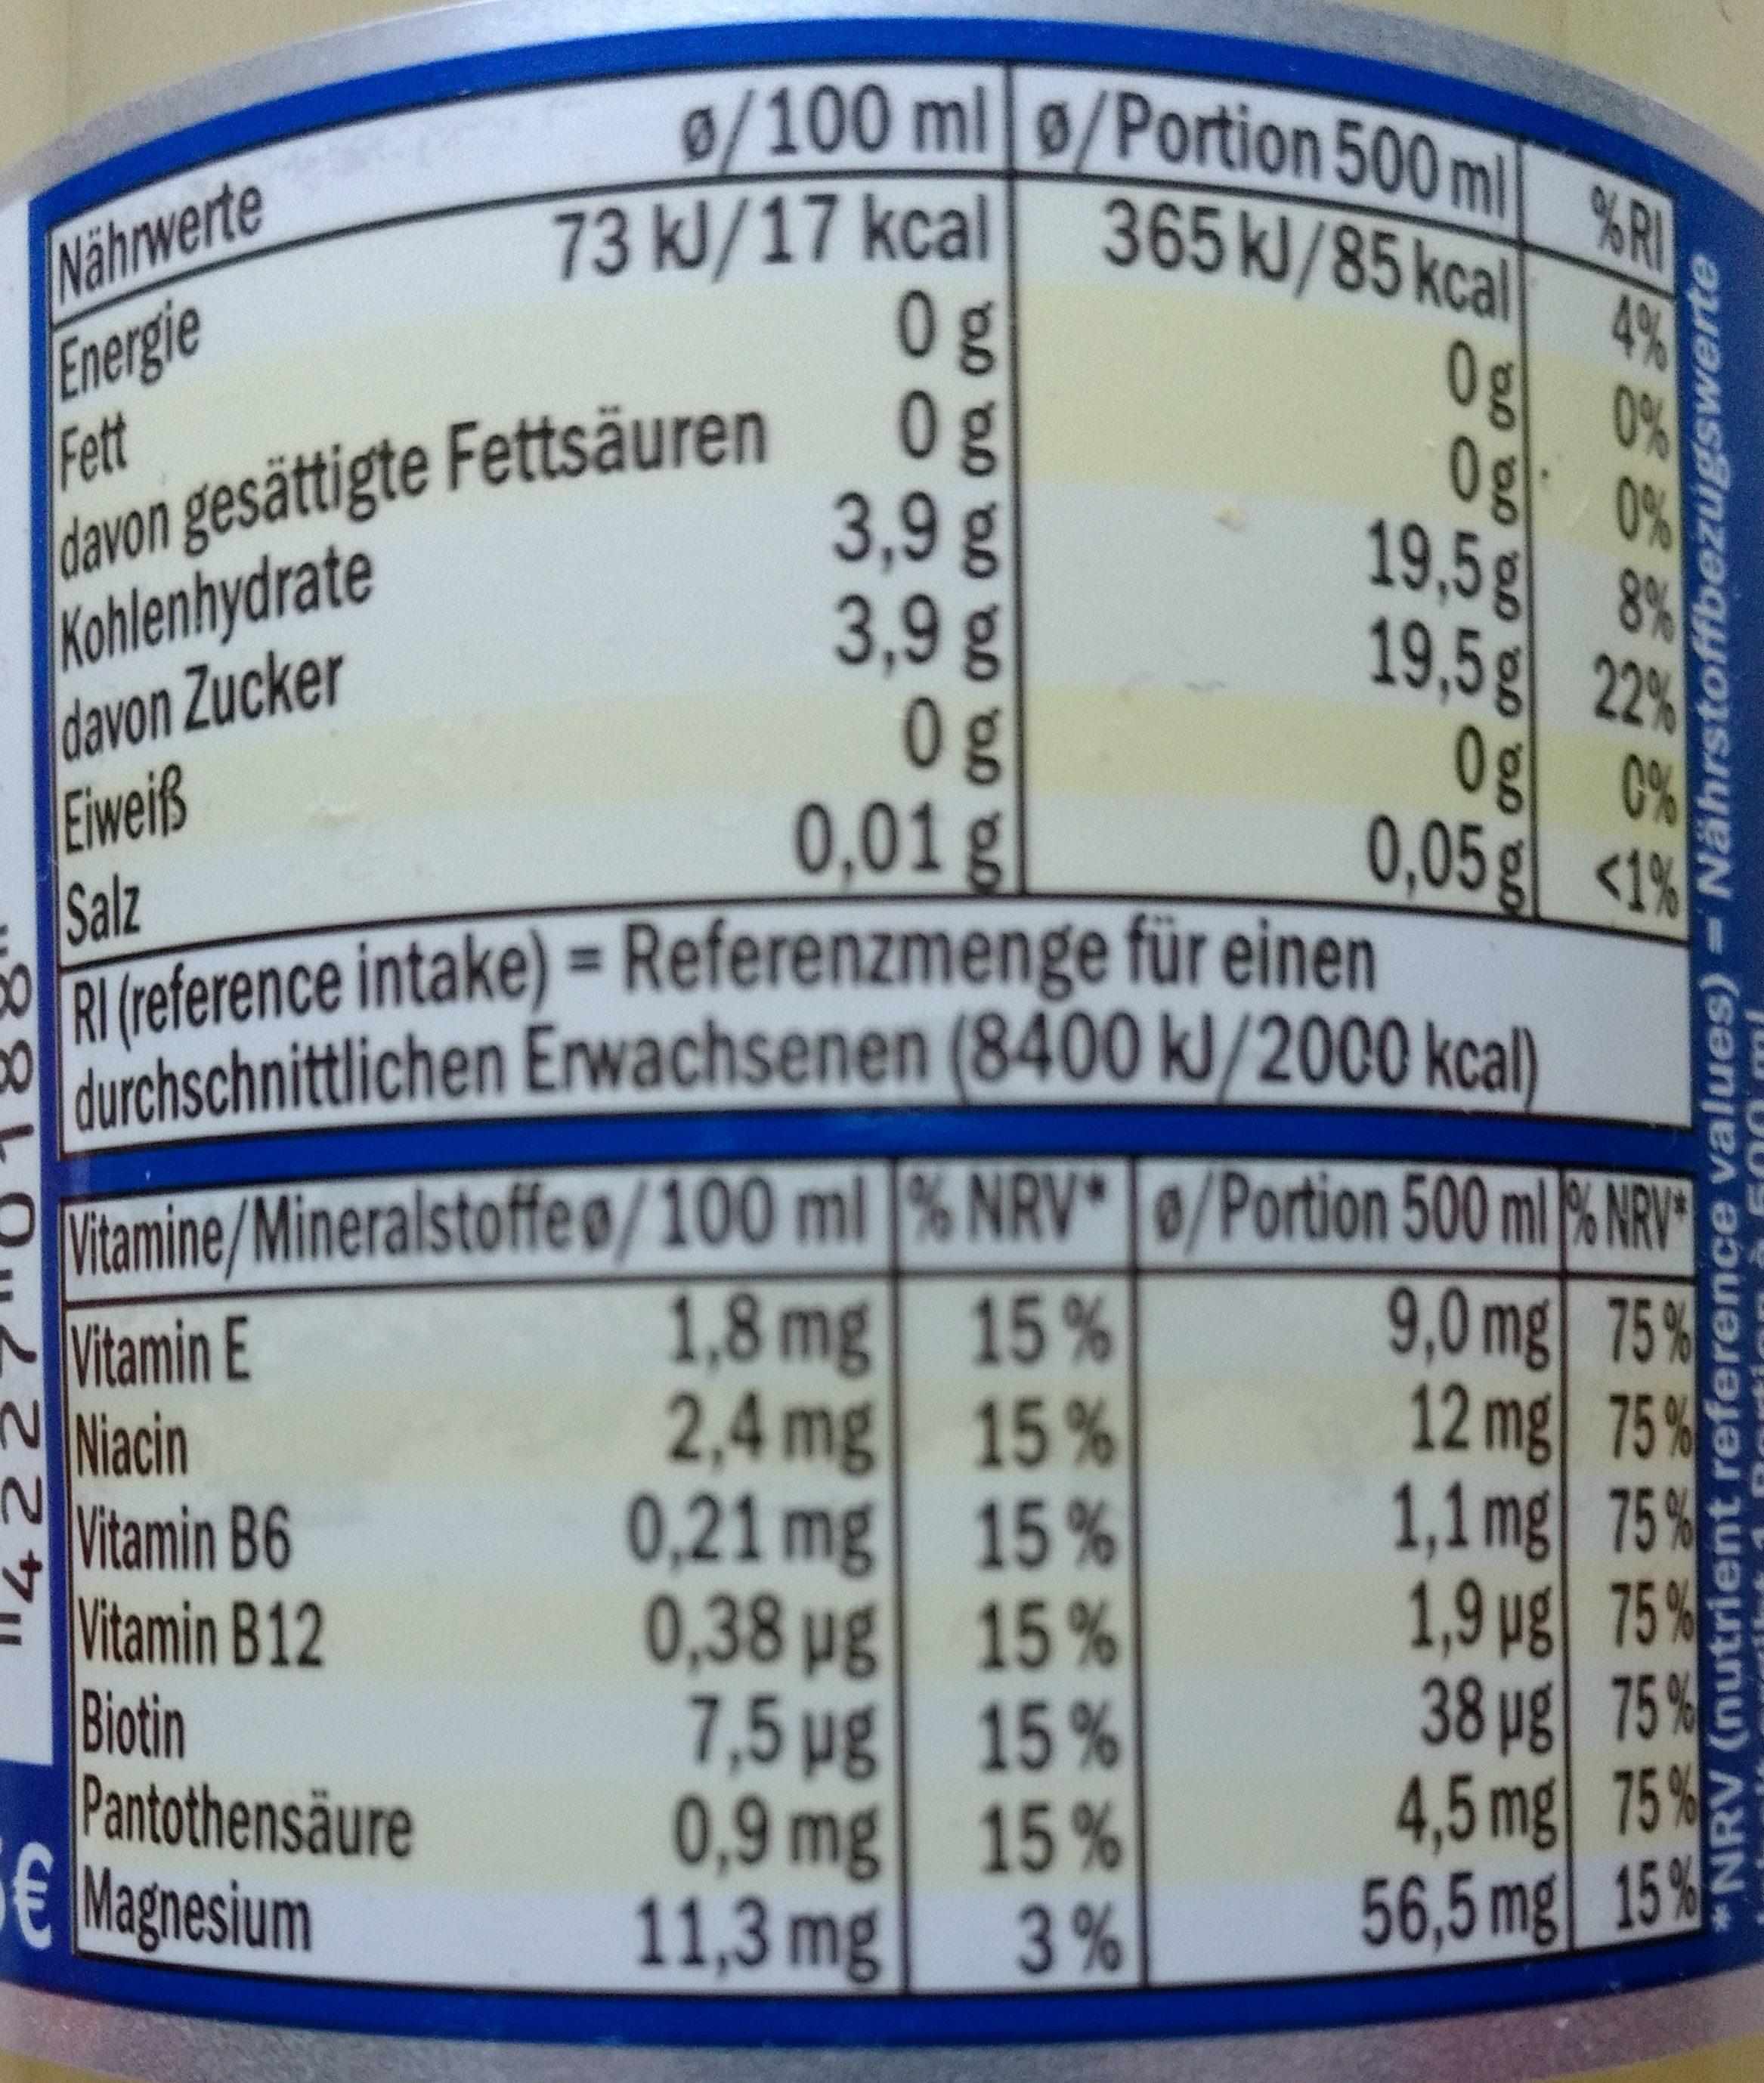 IsoSport Grapefruit-Citrus - Informations nutritionnelles - de